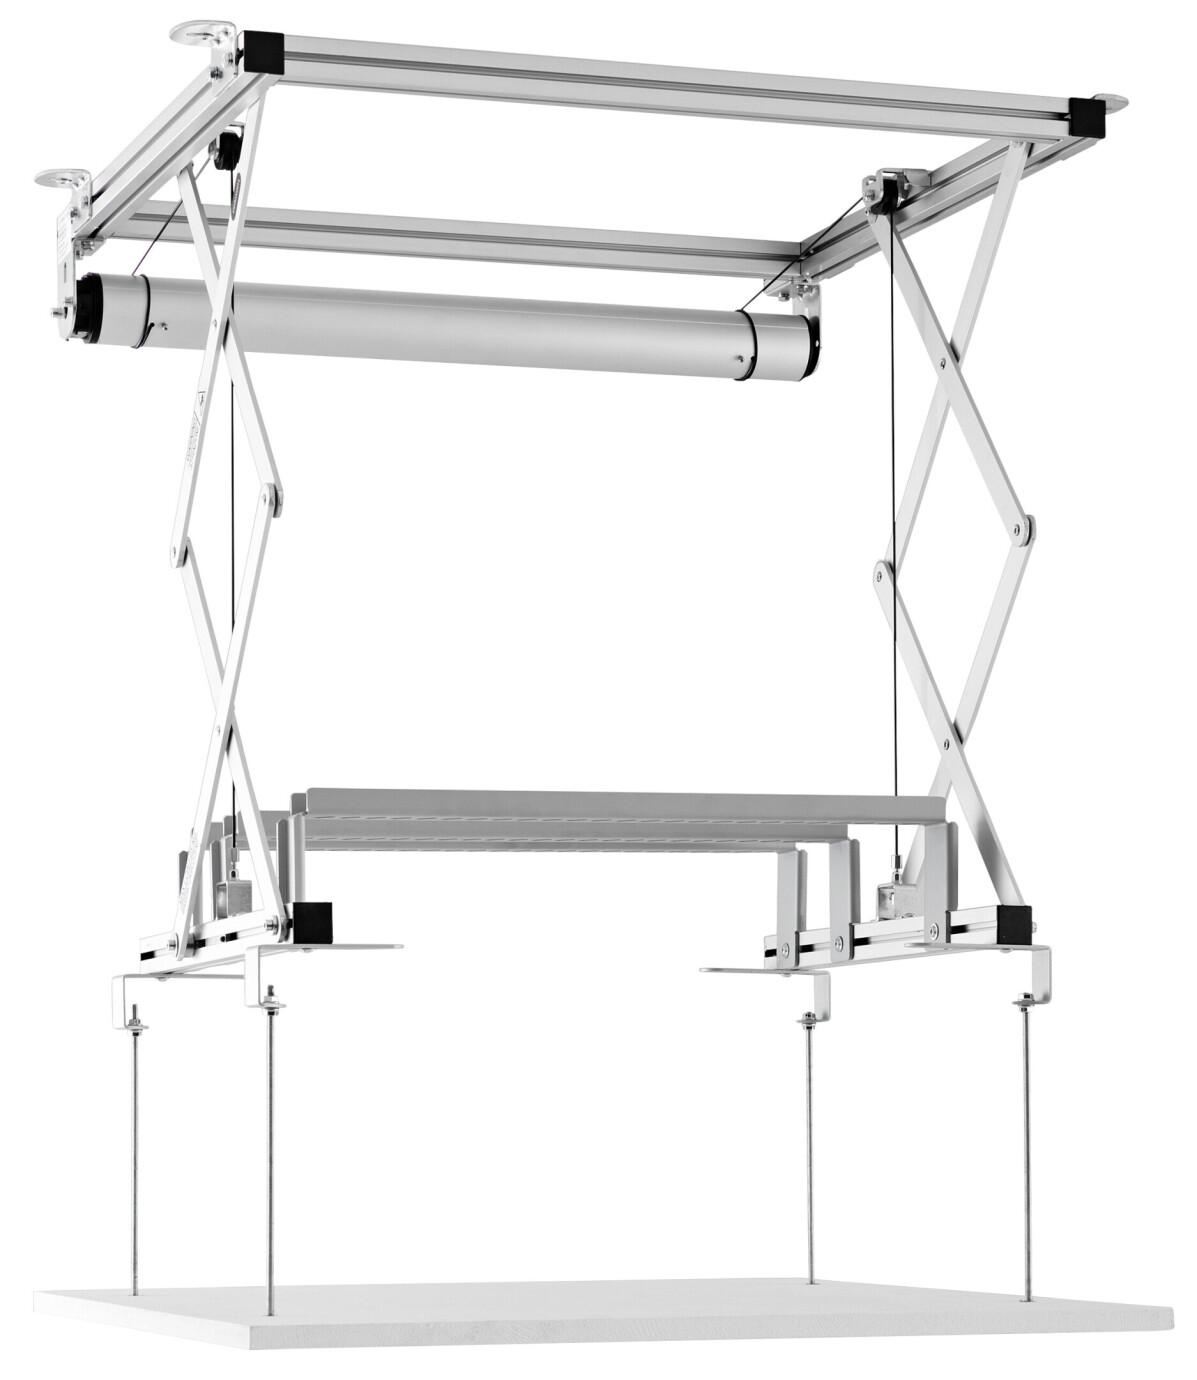 celexon ceiling lift PL400 HC Plus